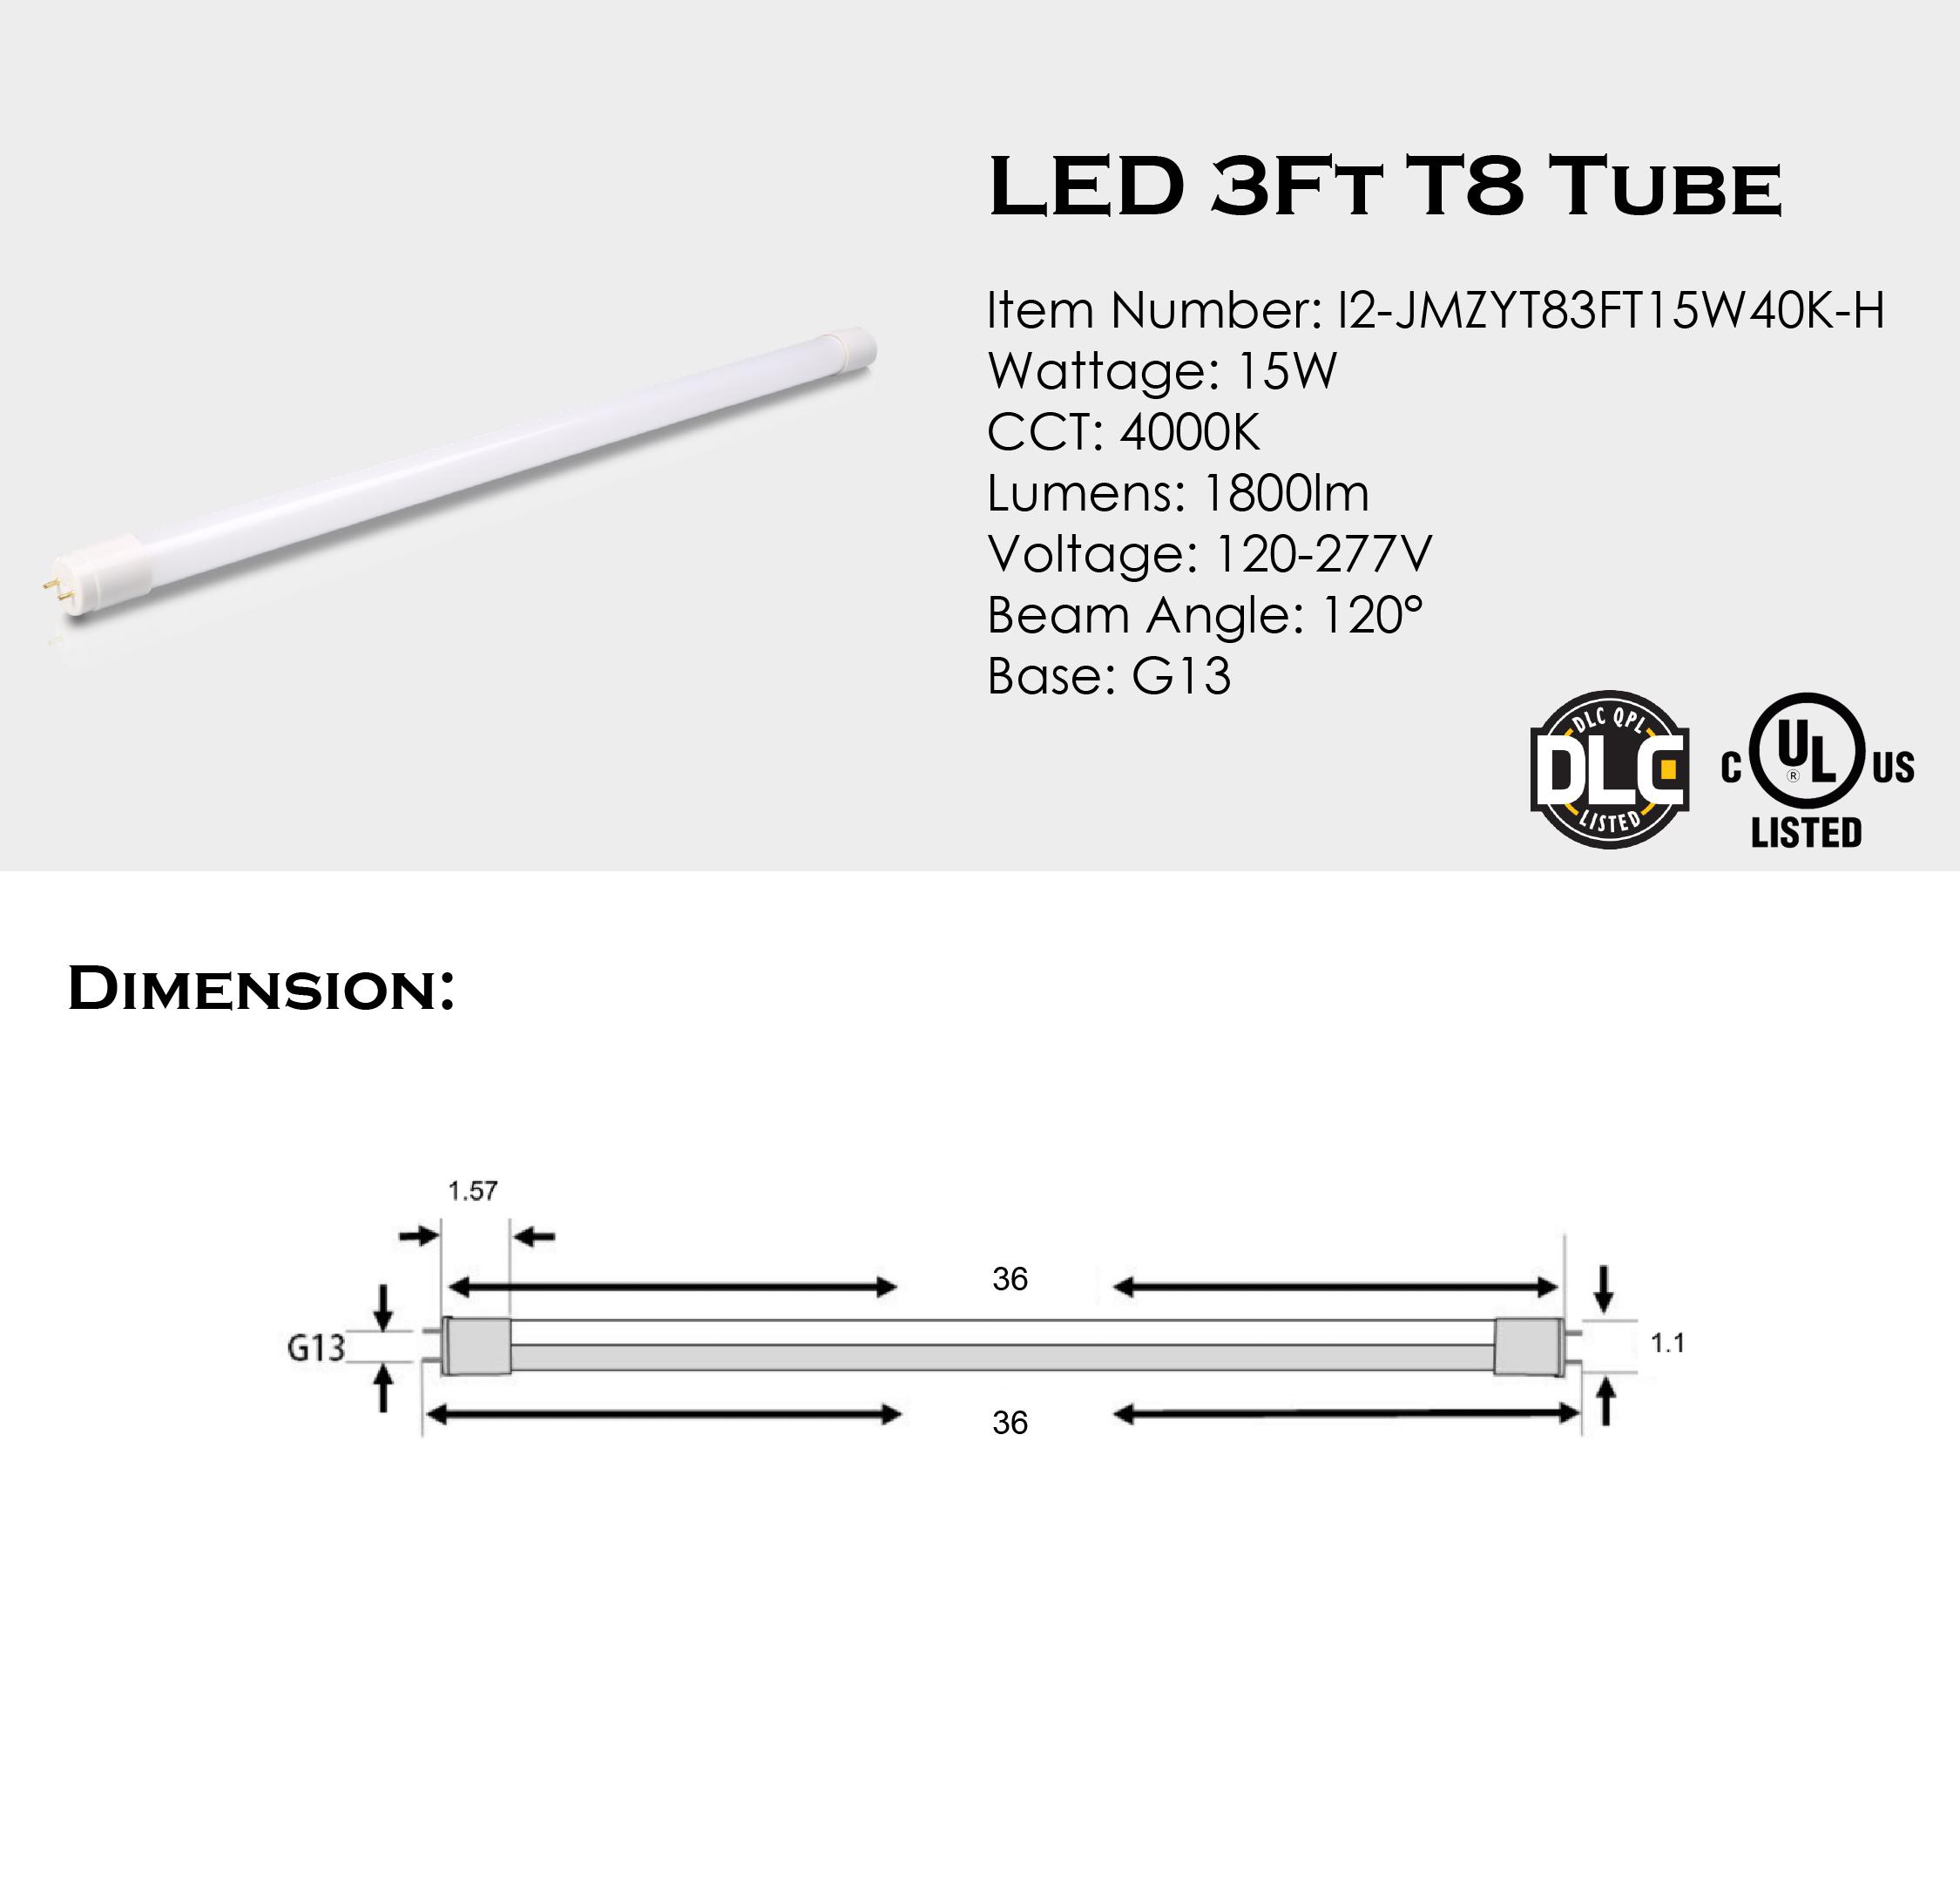 led-3ft-t8-tube.png